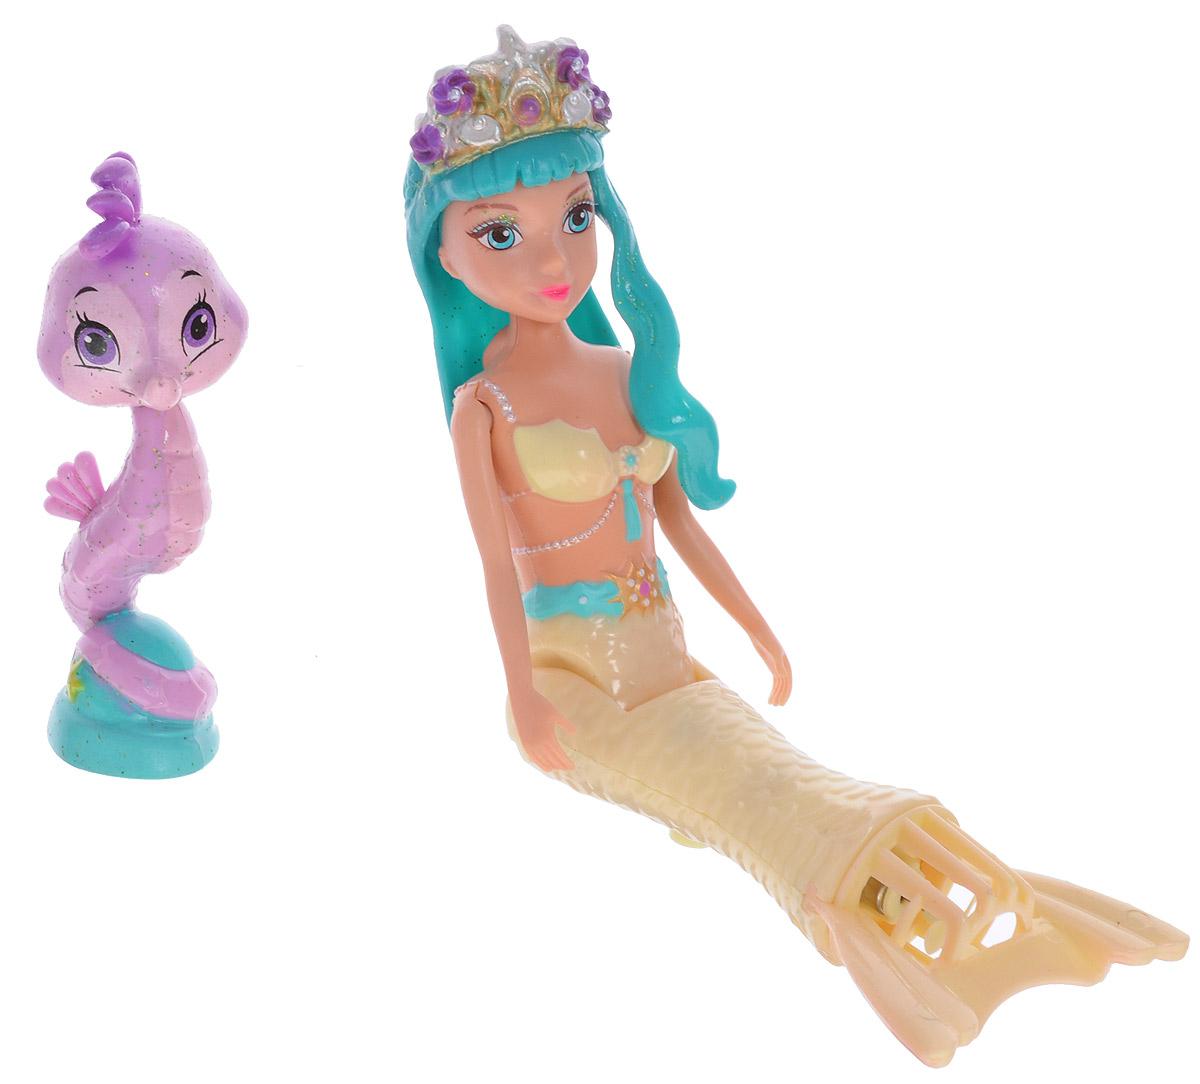 Redwood Мини-кукла Танцующая русалочка Нарисса - Интерактивные игрушки